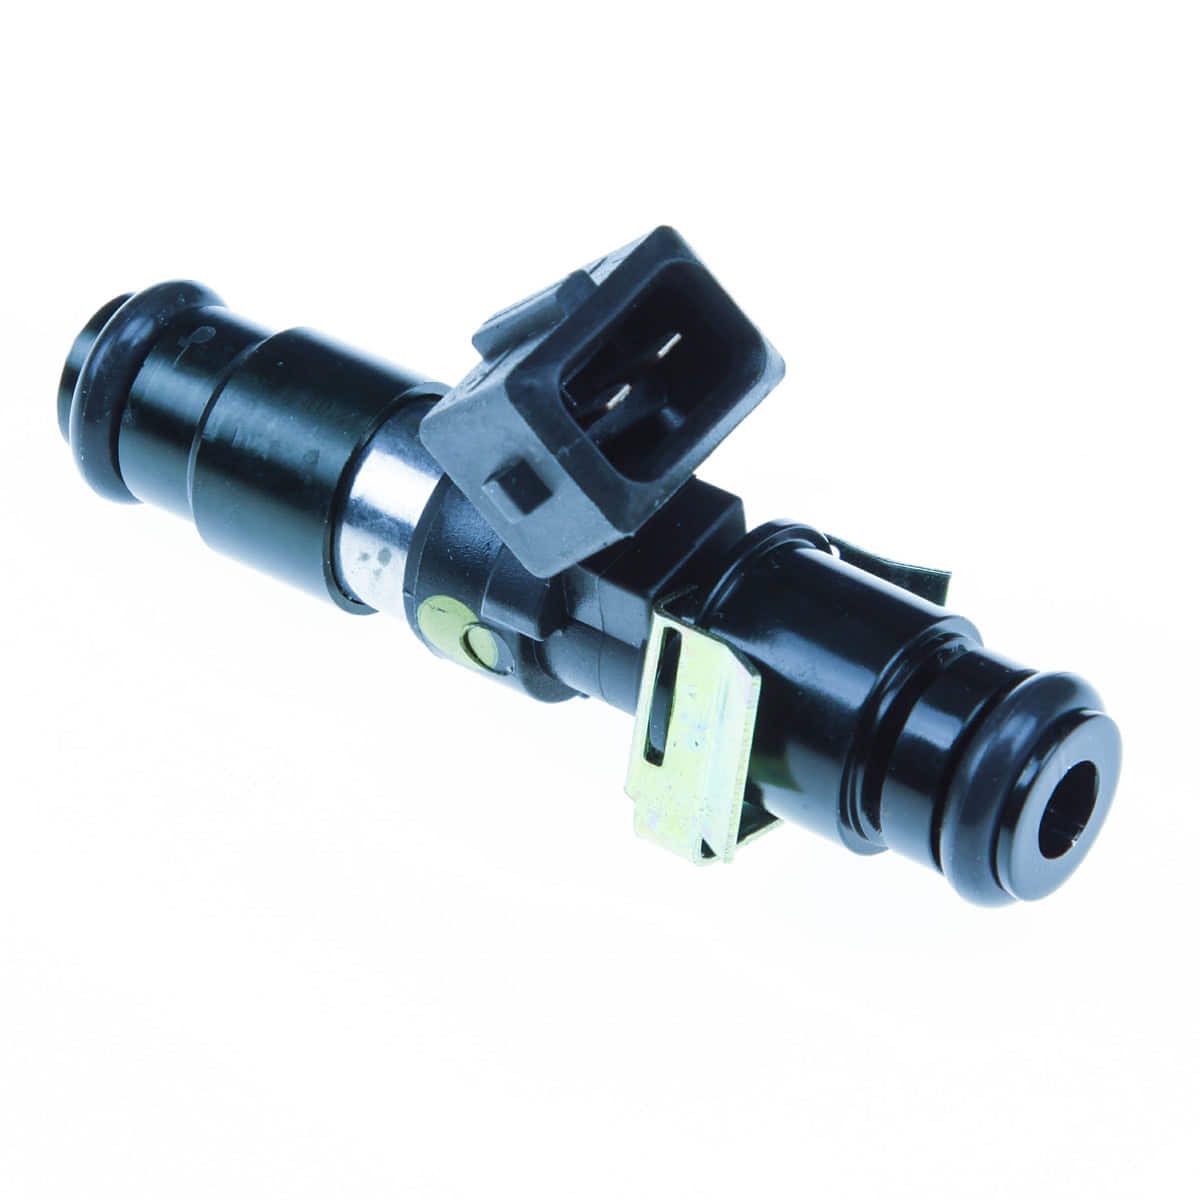 Bosch 115 Lb  Hr High Impedance Injector